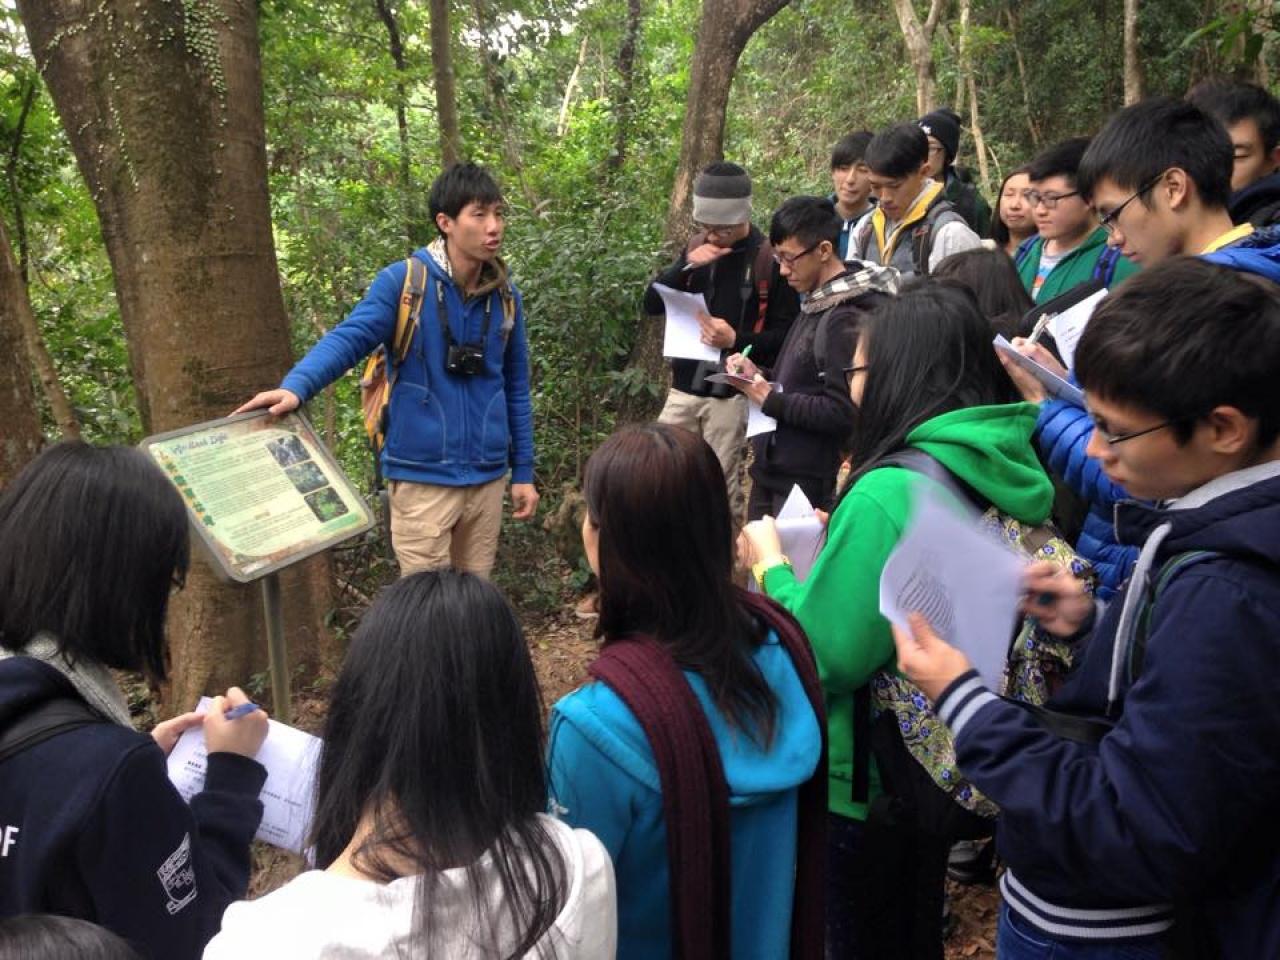 Xoni於攻讀博士課程期間,舉辦「Take Action!青年生態保育領袖計劃」,帶領中學生走訪香港各處,推廣環境教育。(受訪者提供)